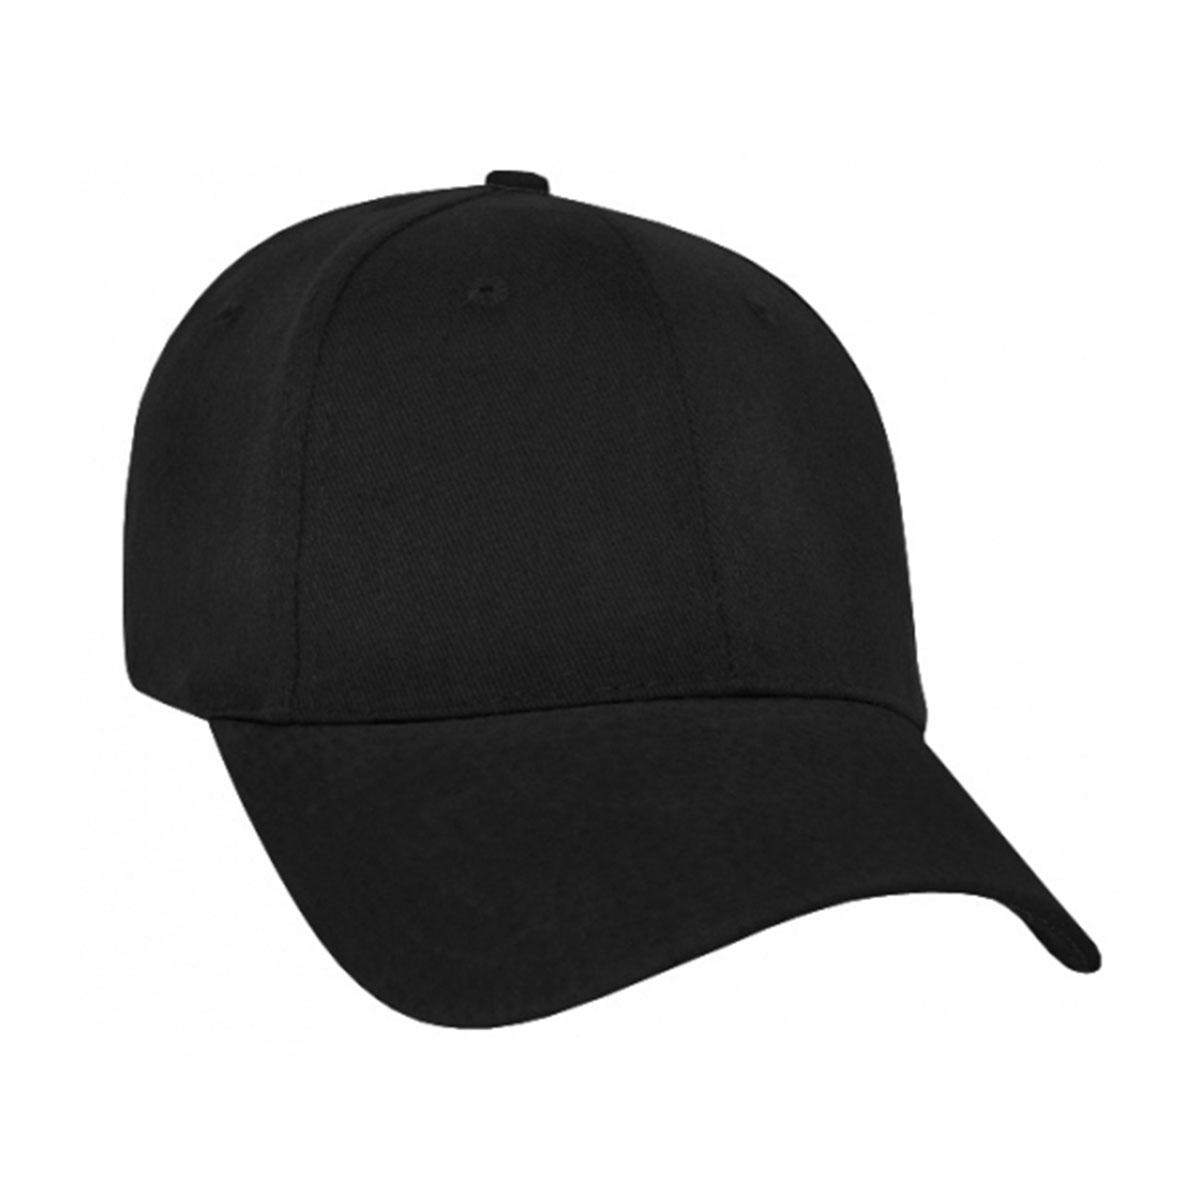 Heavy Brushed Cotton Suede Peak Cap-Black